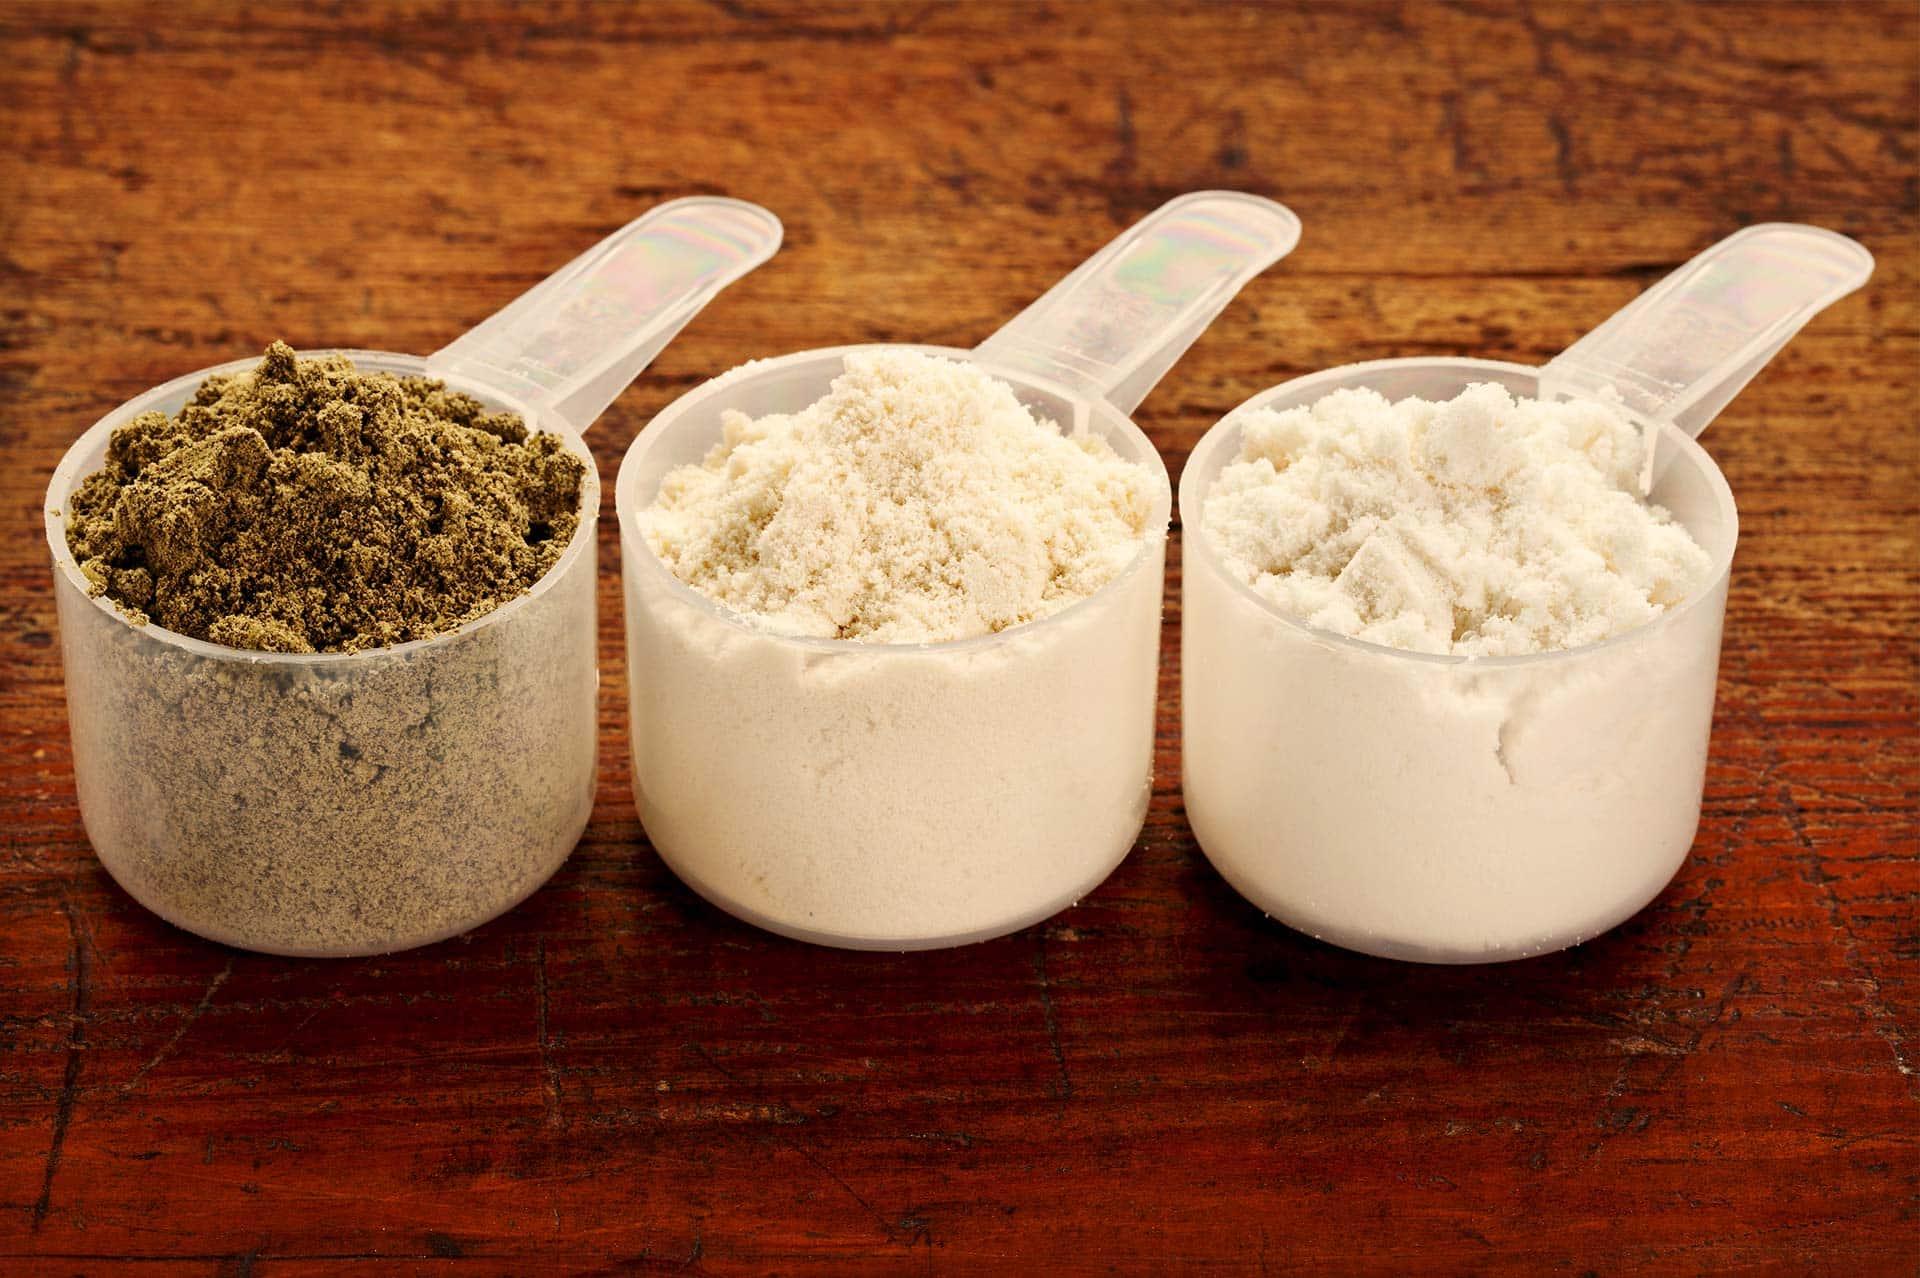 best keto protein powder scoops of powder